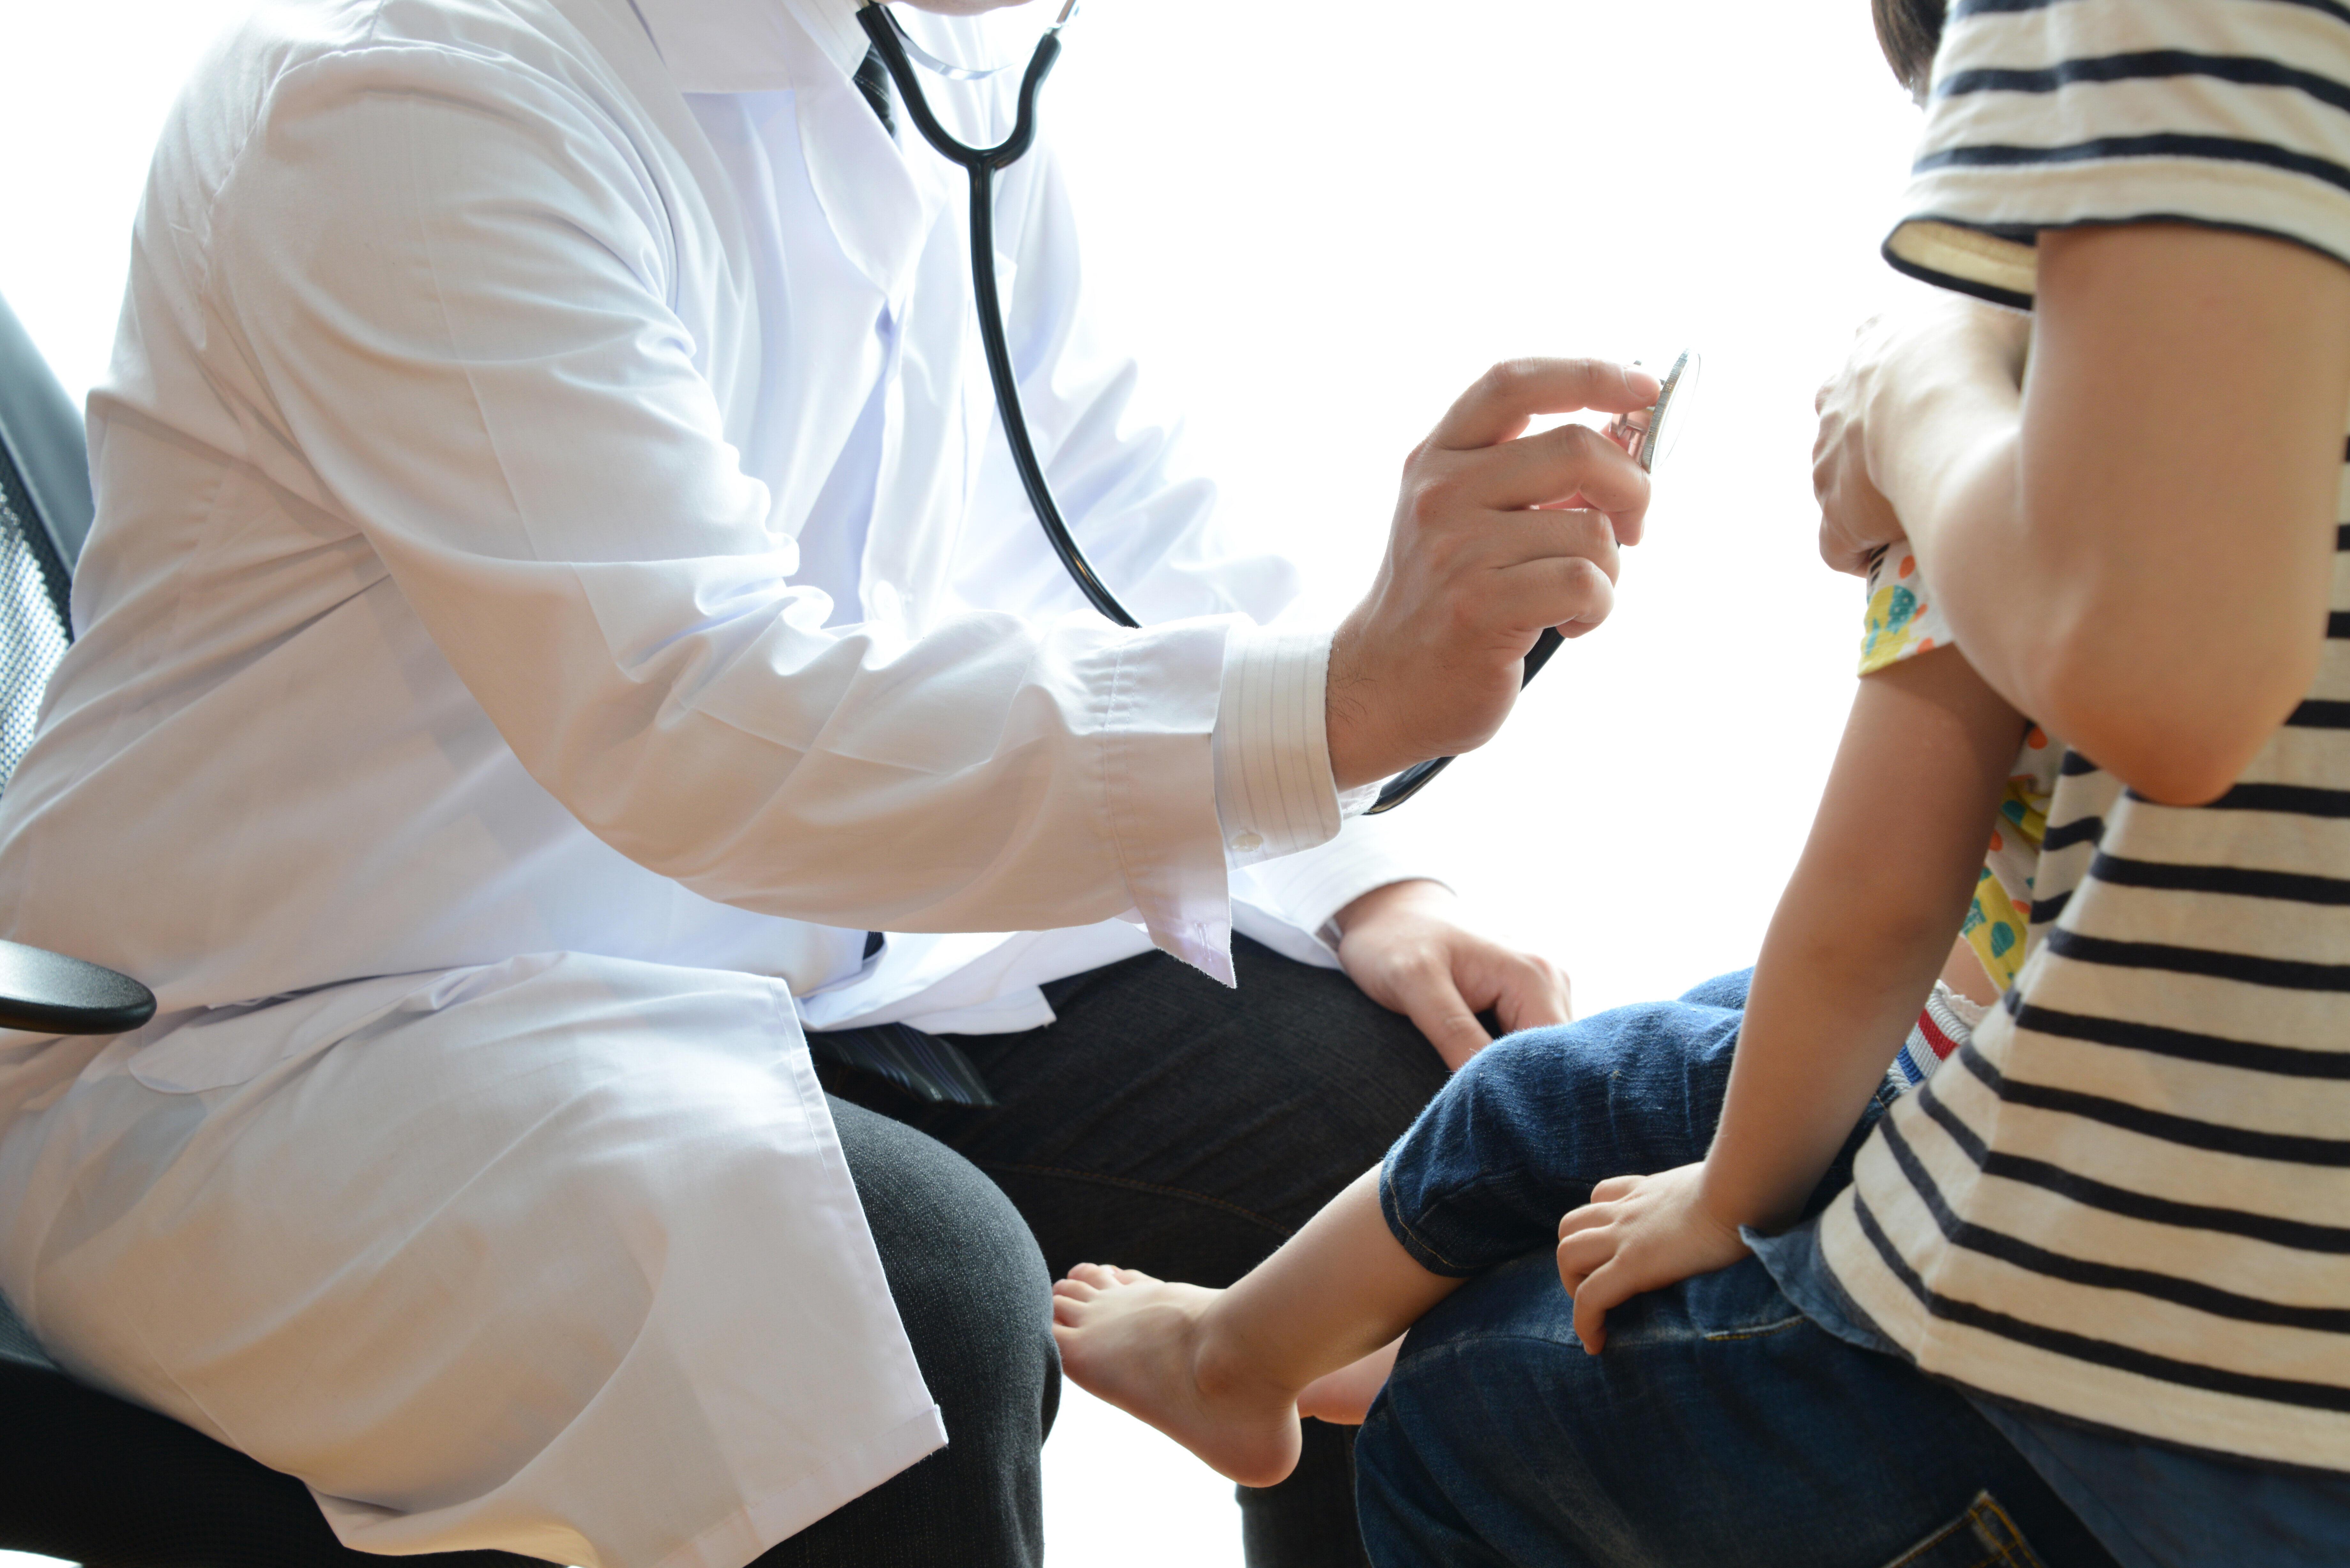 医師らのストにエール 「コロナ減収でボーナスカット」に「国は支援を」